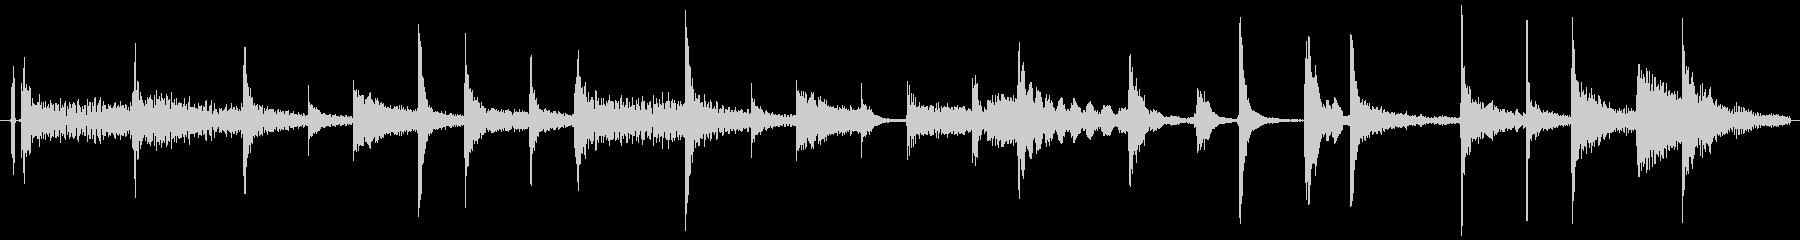 ドラム パーカッション ループ可能01!の未再生の波形